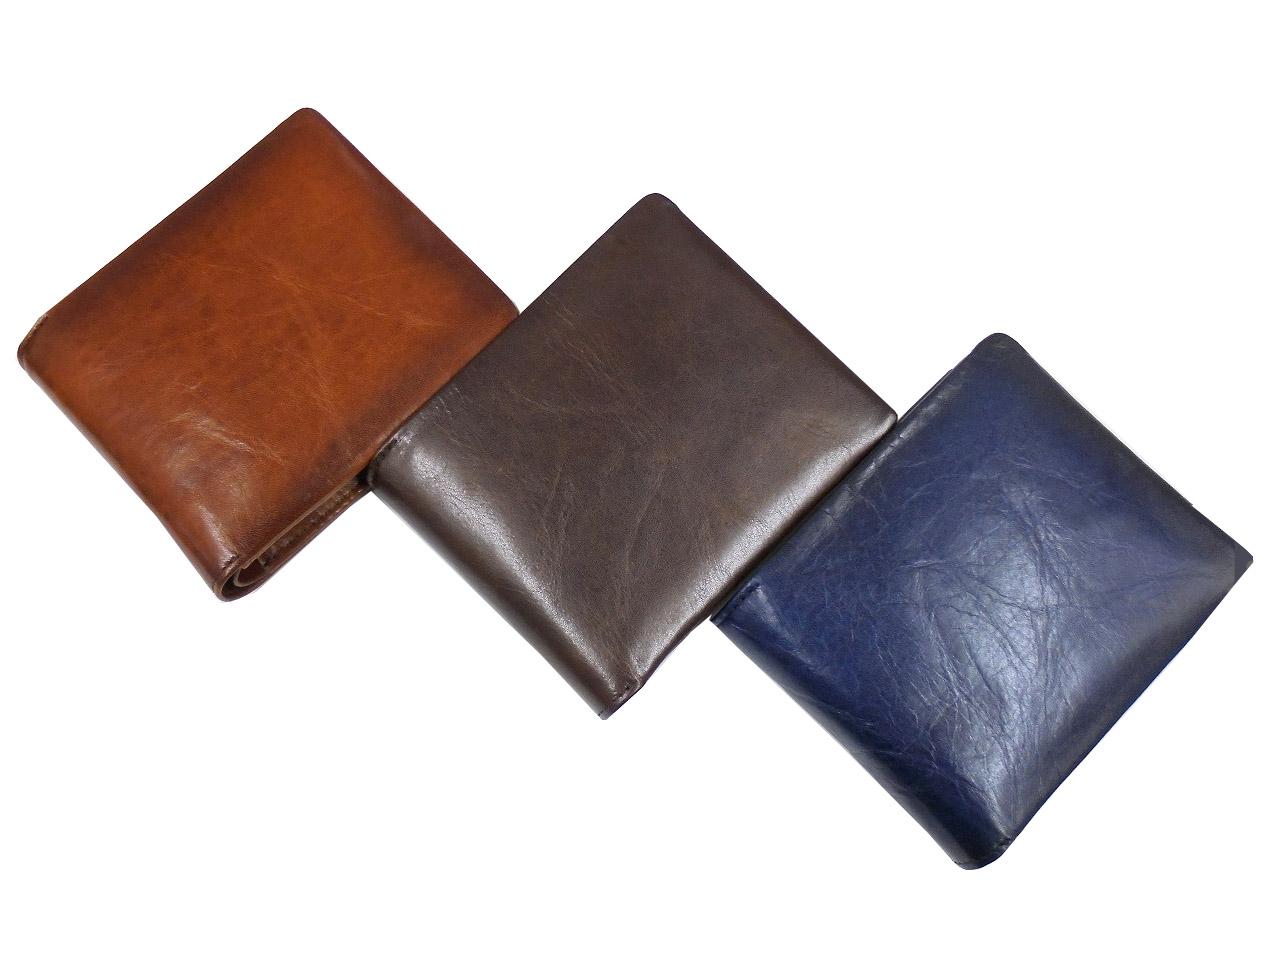 青木鞄 GALLERIA Arrosto ガレリア・アロースト メンズ 二つ折り財布 2971 AOKI